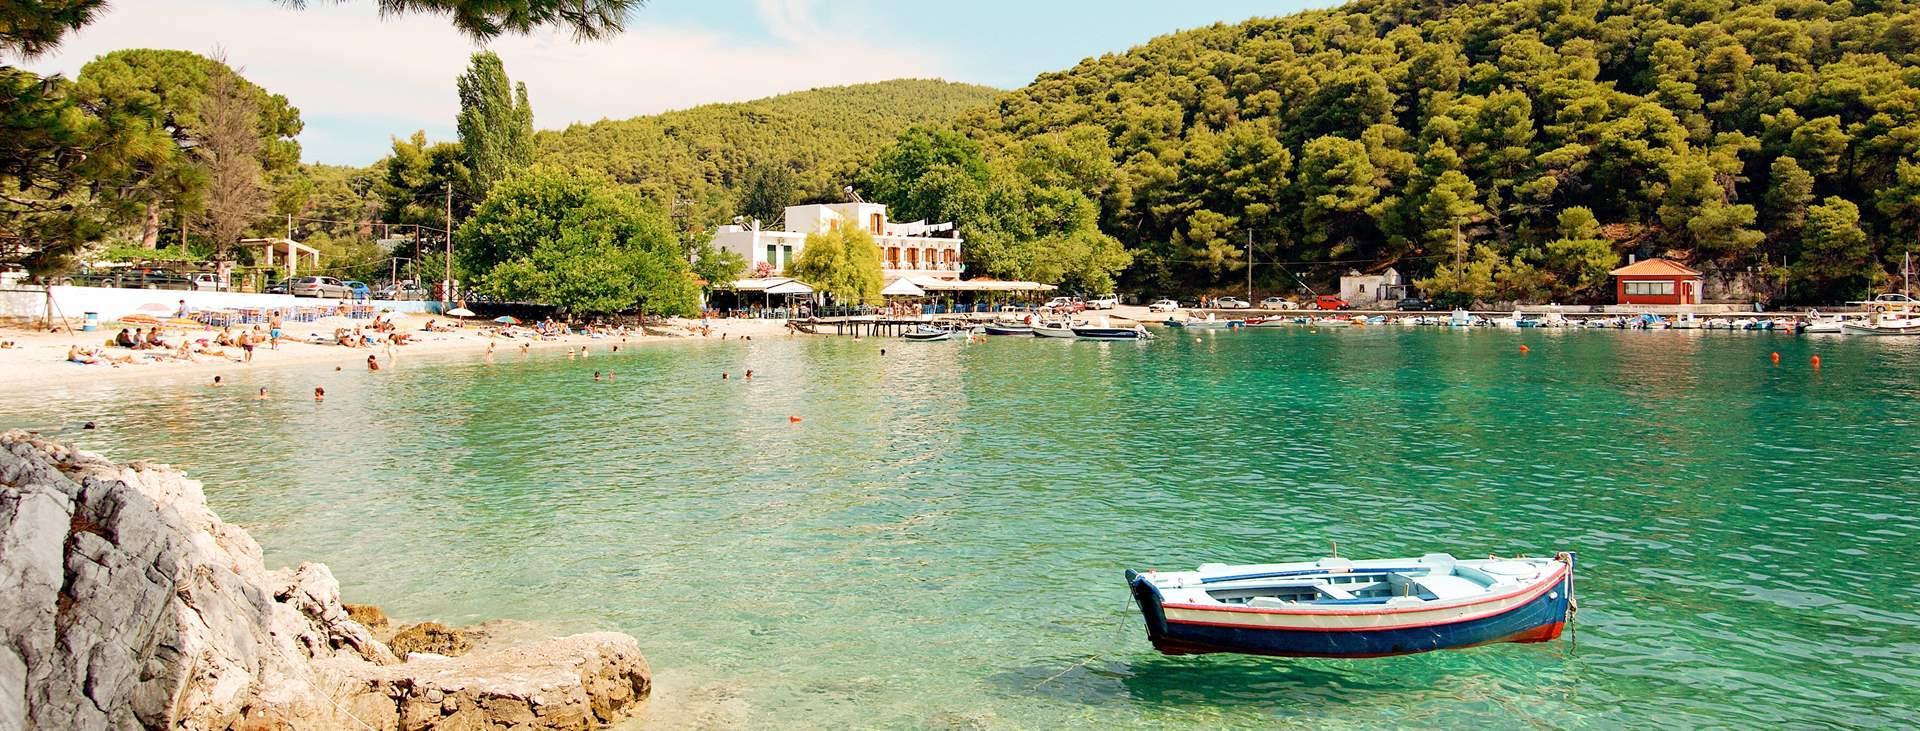 Bestill en reise til Skopelos i Hellas med Ving